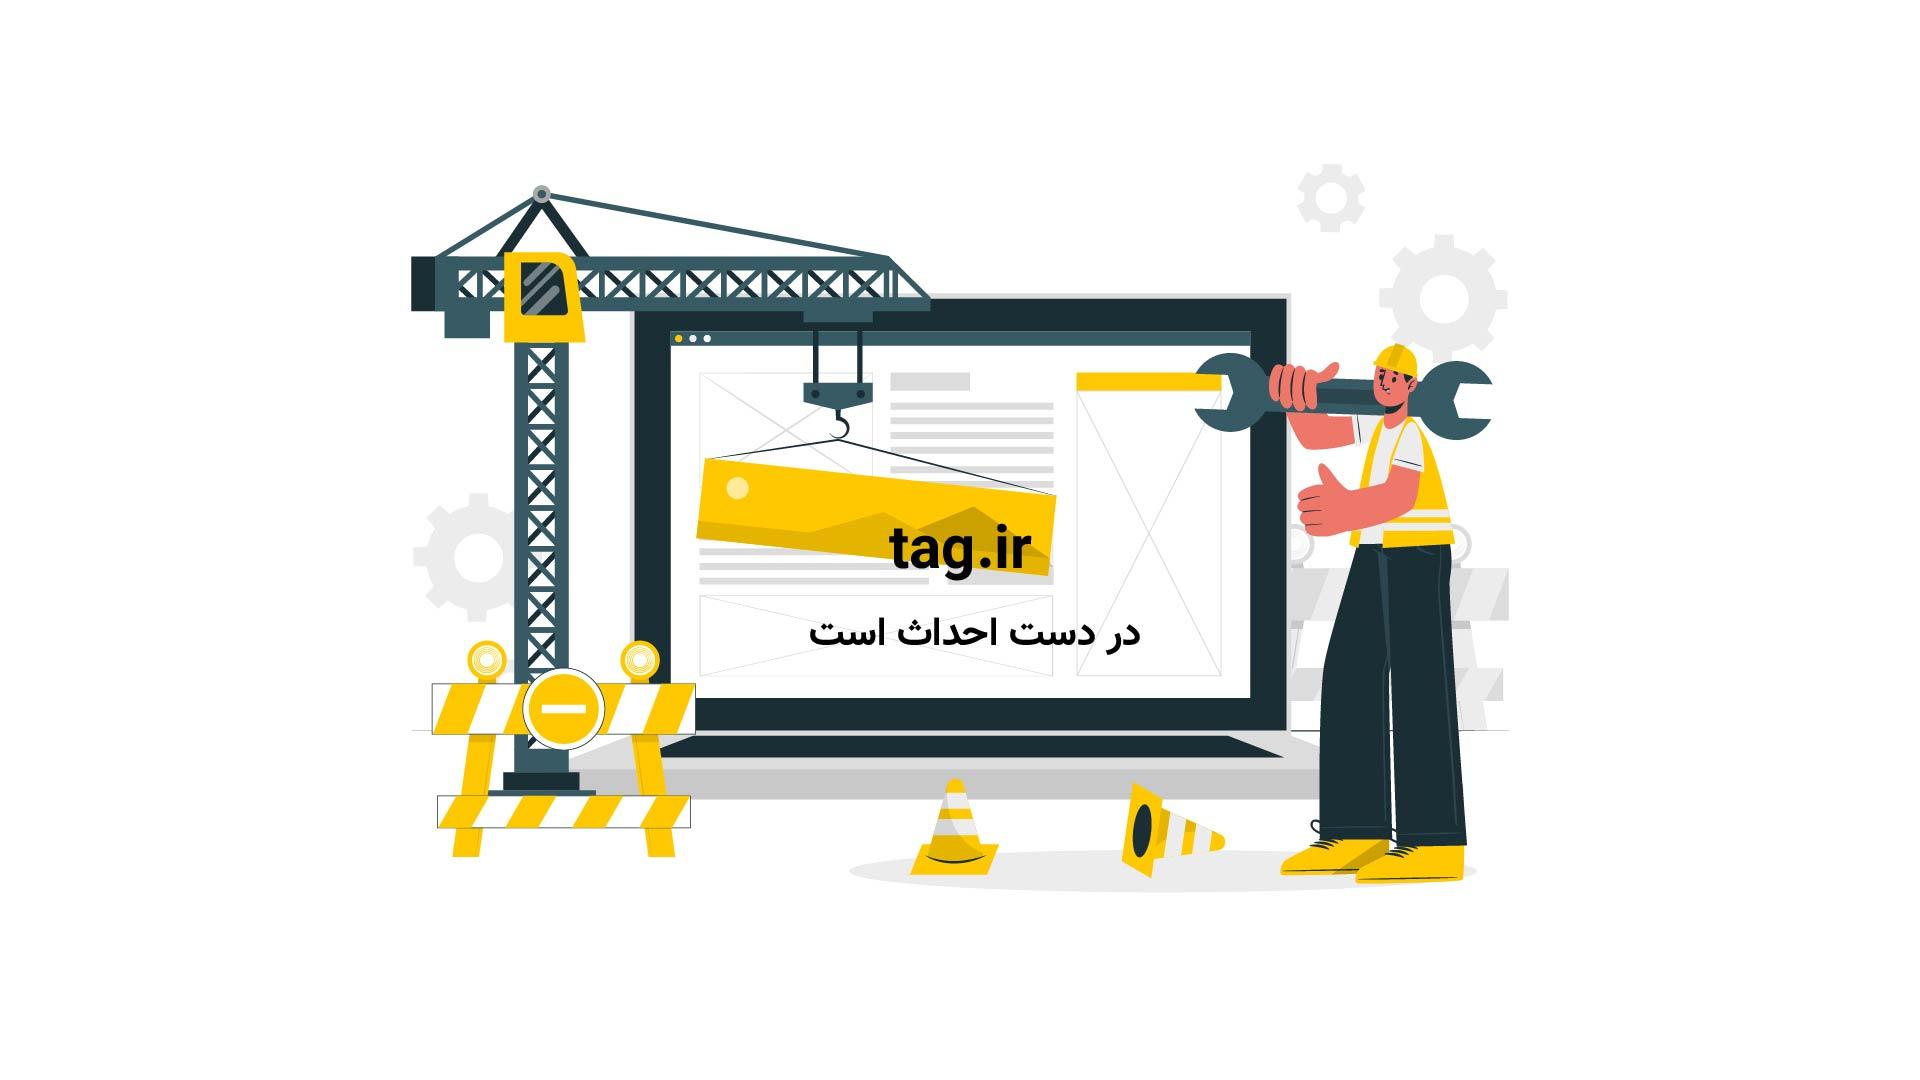 سخنرانیهای تد؛ آینده گوگل از یک دیدگاه کارشناسی | فیلم